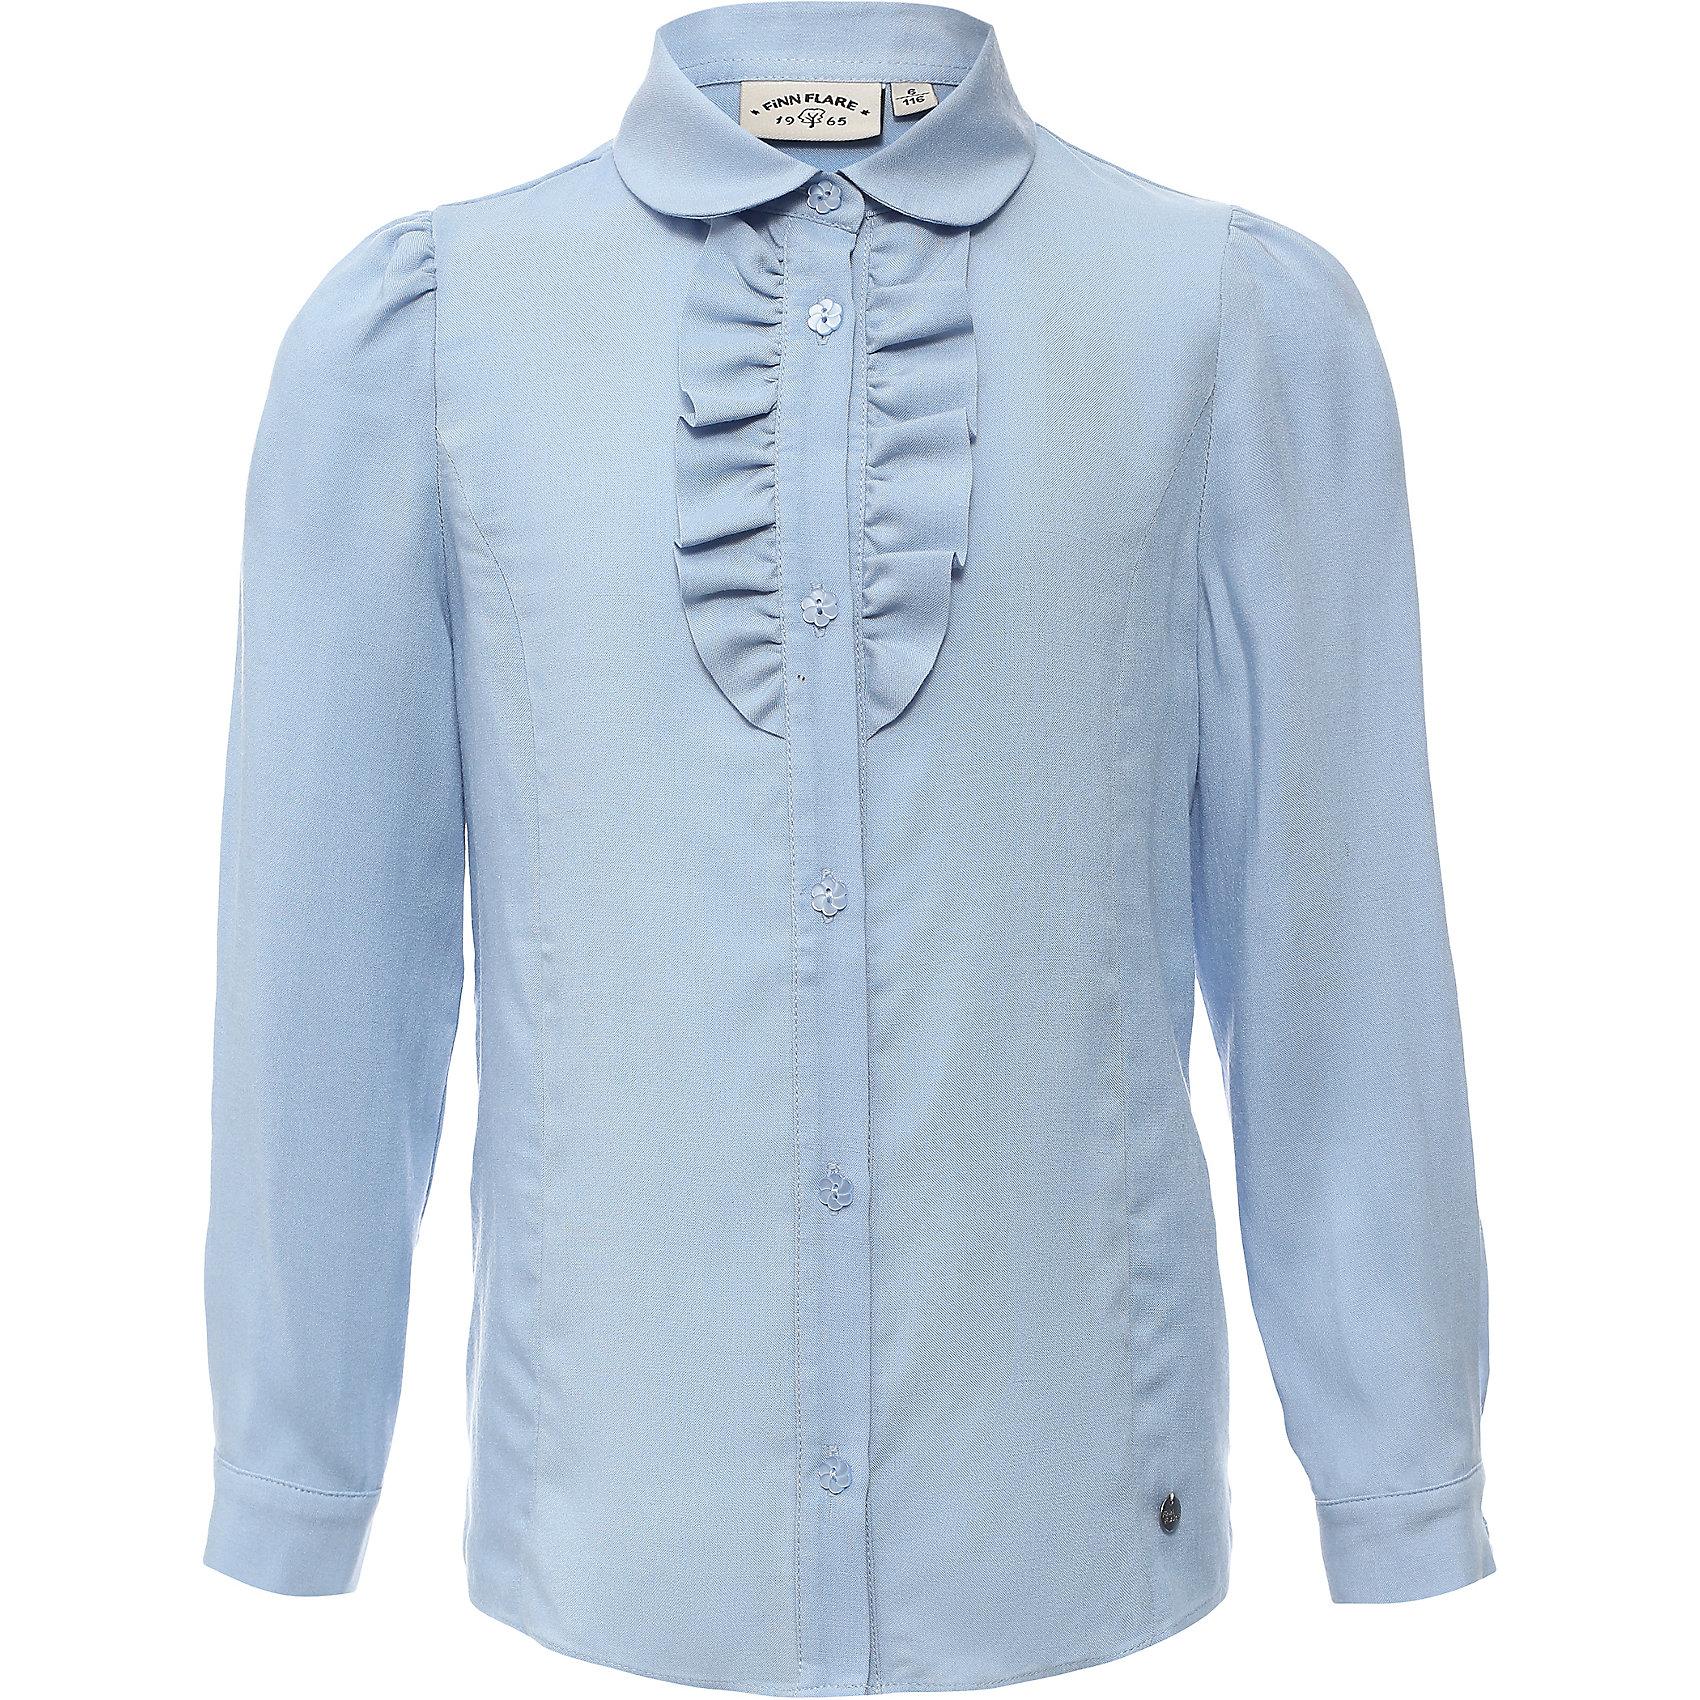 Блузка для девочки Finn FlareБлузки и рубашки<br>Блузка для девочки известной марки Finn Flare.<br><br>Школьная блузка для девочки украшена волнами у ворота, имеет декоративные пуговицы-цветочки. Блузка с длинными рукавами, которые имеют узкие манжеты на пуговичках. Рукава блузки можно подкатить – получится блузка с рукавами на 3/4. <br><br>Фактура материала: Текстильный<br>Вид застежки: Пуговицы<br>Длина рукава: Длинные<br>Тип карманов: Без карманов<br><br>Состав: 95% вискоза, 5% эластан<br><br>Блузку для девочки Finn Flare можно купить в нашем интернет-магазине.<br><br>Ширина мм: 186<br>Глубина мм: 87<br>Высота мм: 198<br>Вес г: 197<br>Цвет: голубой<br>Возраст от месяцев: 120<br>Возраст до месяцев: 132<br>Пол: Женский<br>Возраст: Детский<br>Размер: 146,140,152,158,116,122,128,134<br>SKU: 4890158